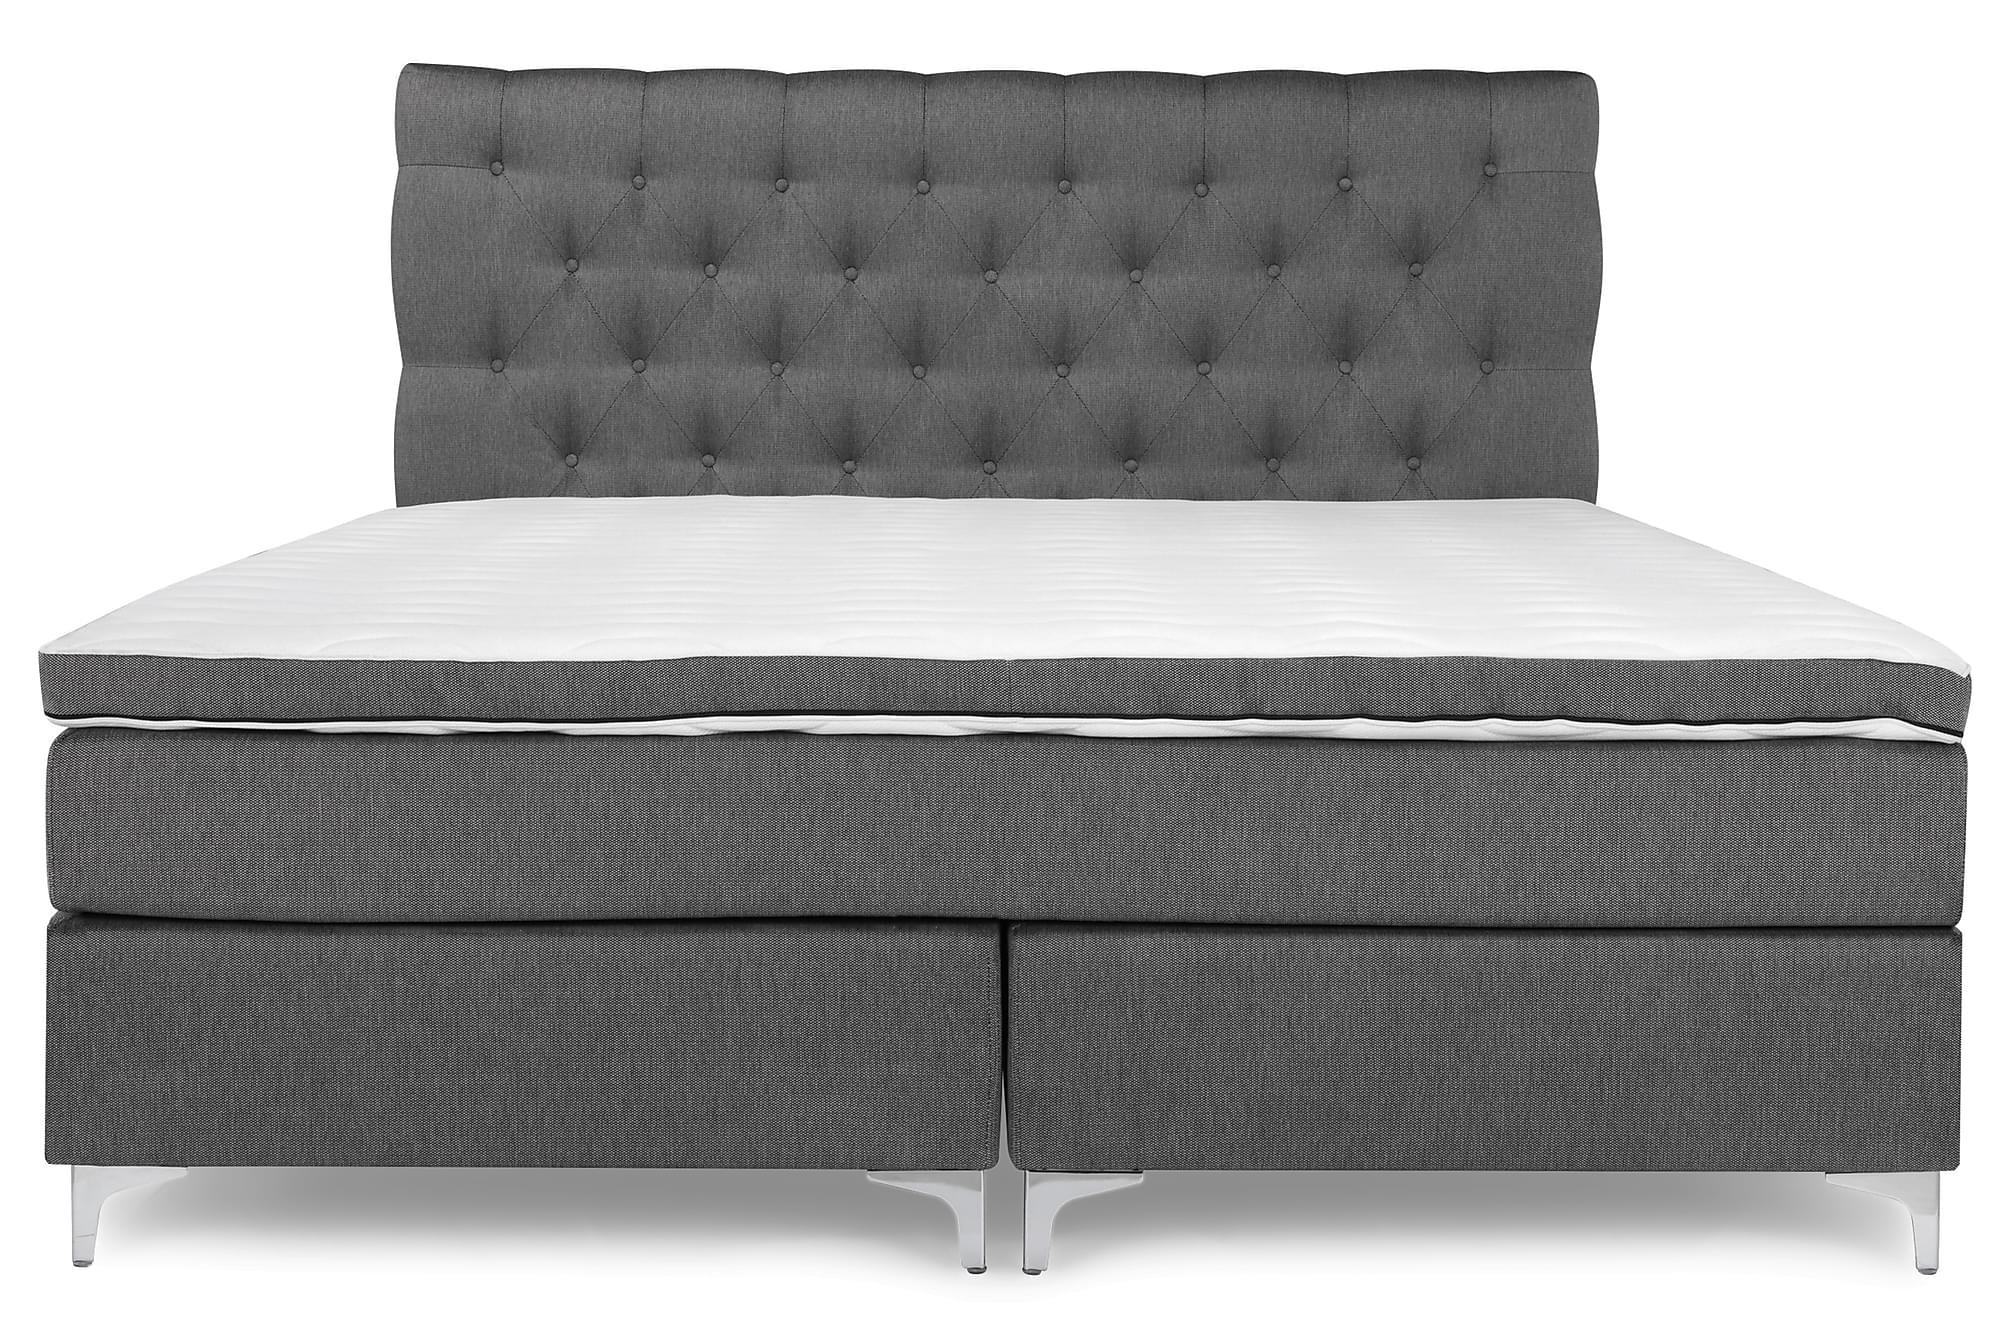 PEARL Lyx Sängpaket Kontinentalsäng 180×200 Grå